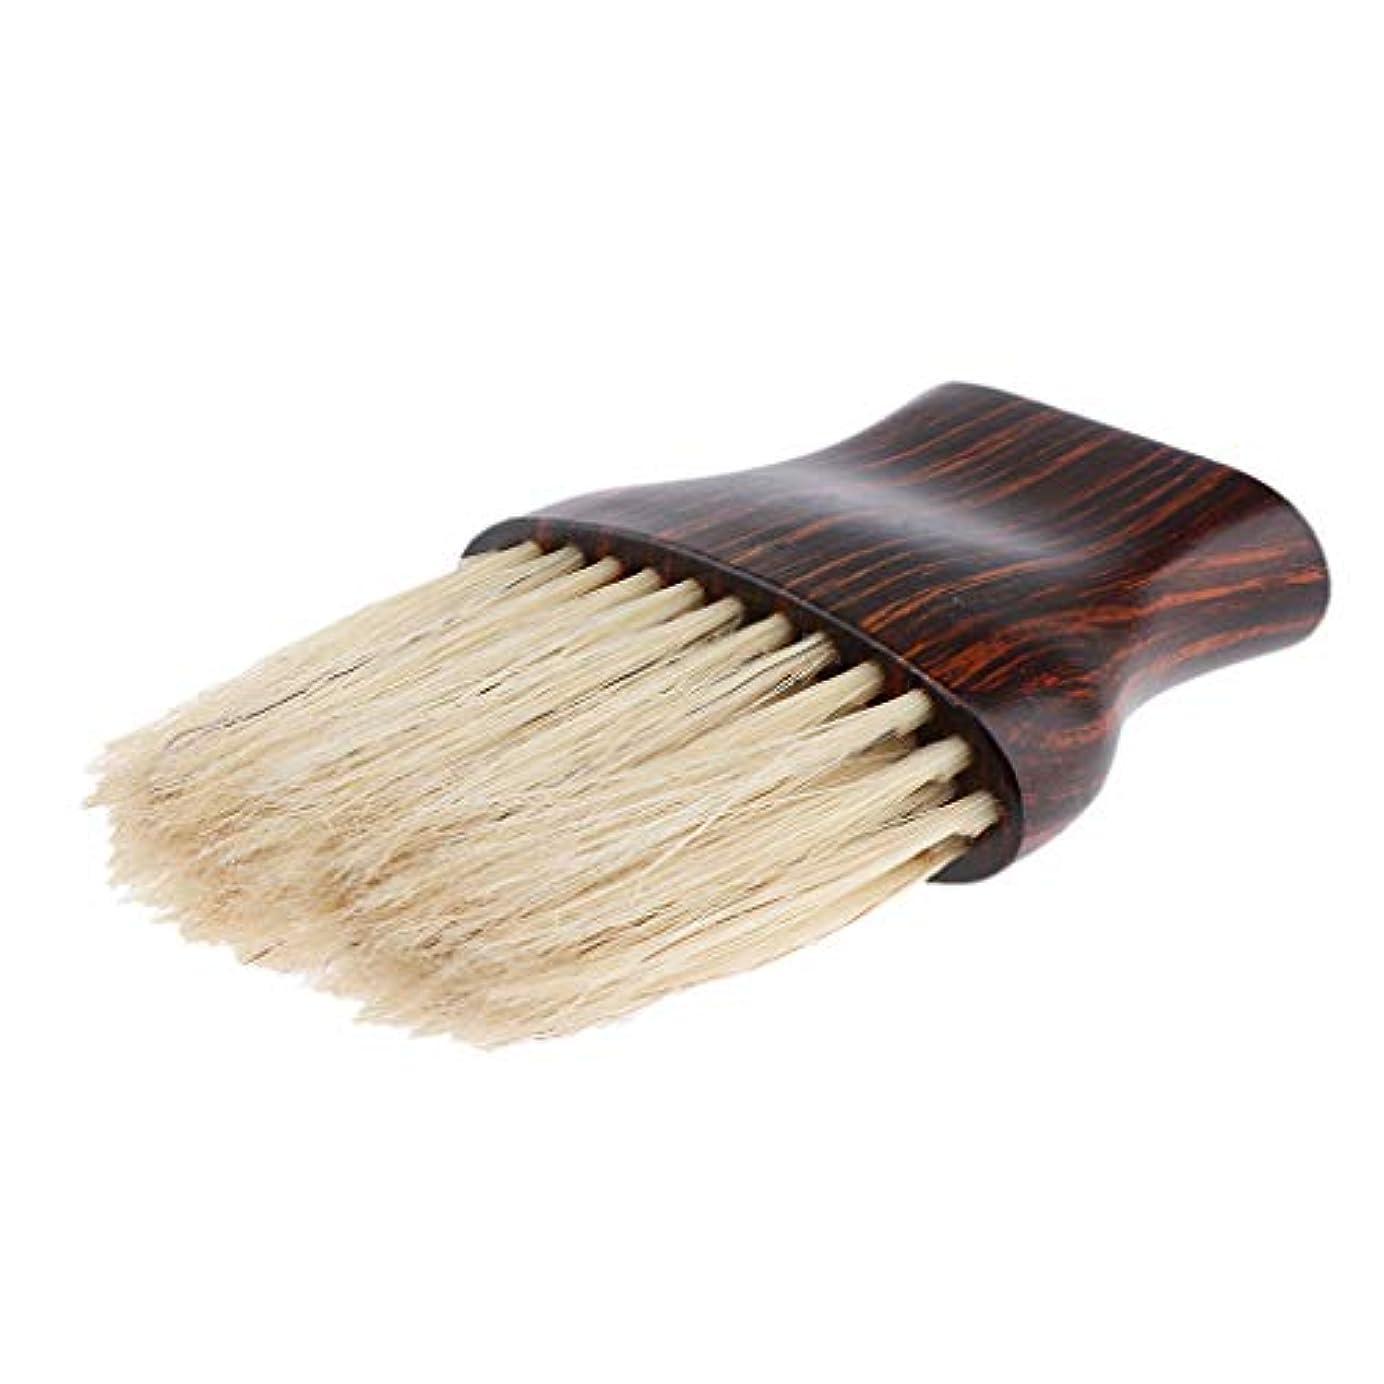 ブラシなぜ振り向くF Fityle ネックダスターブラシ ヘアカットブラシ クリーニング ヘアブラシ 理髪美容ツール